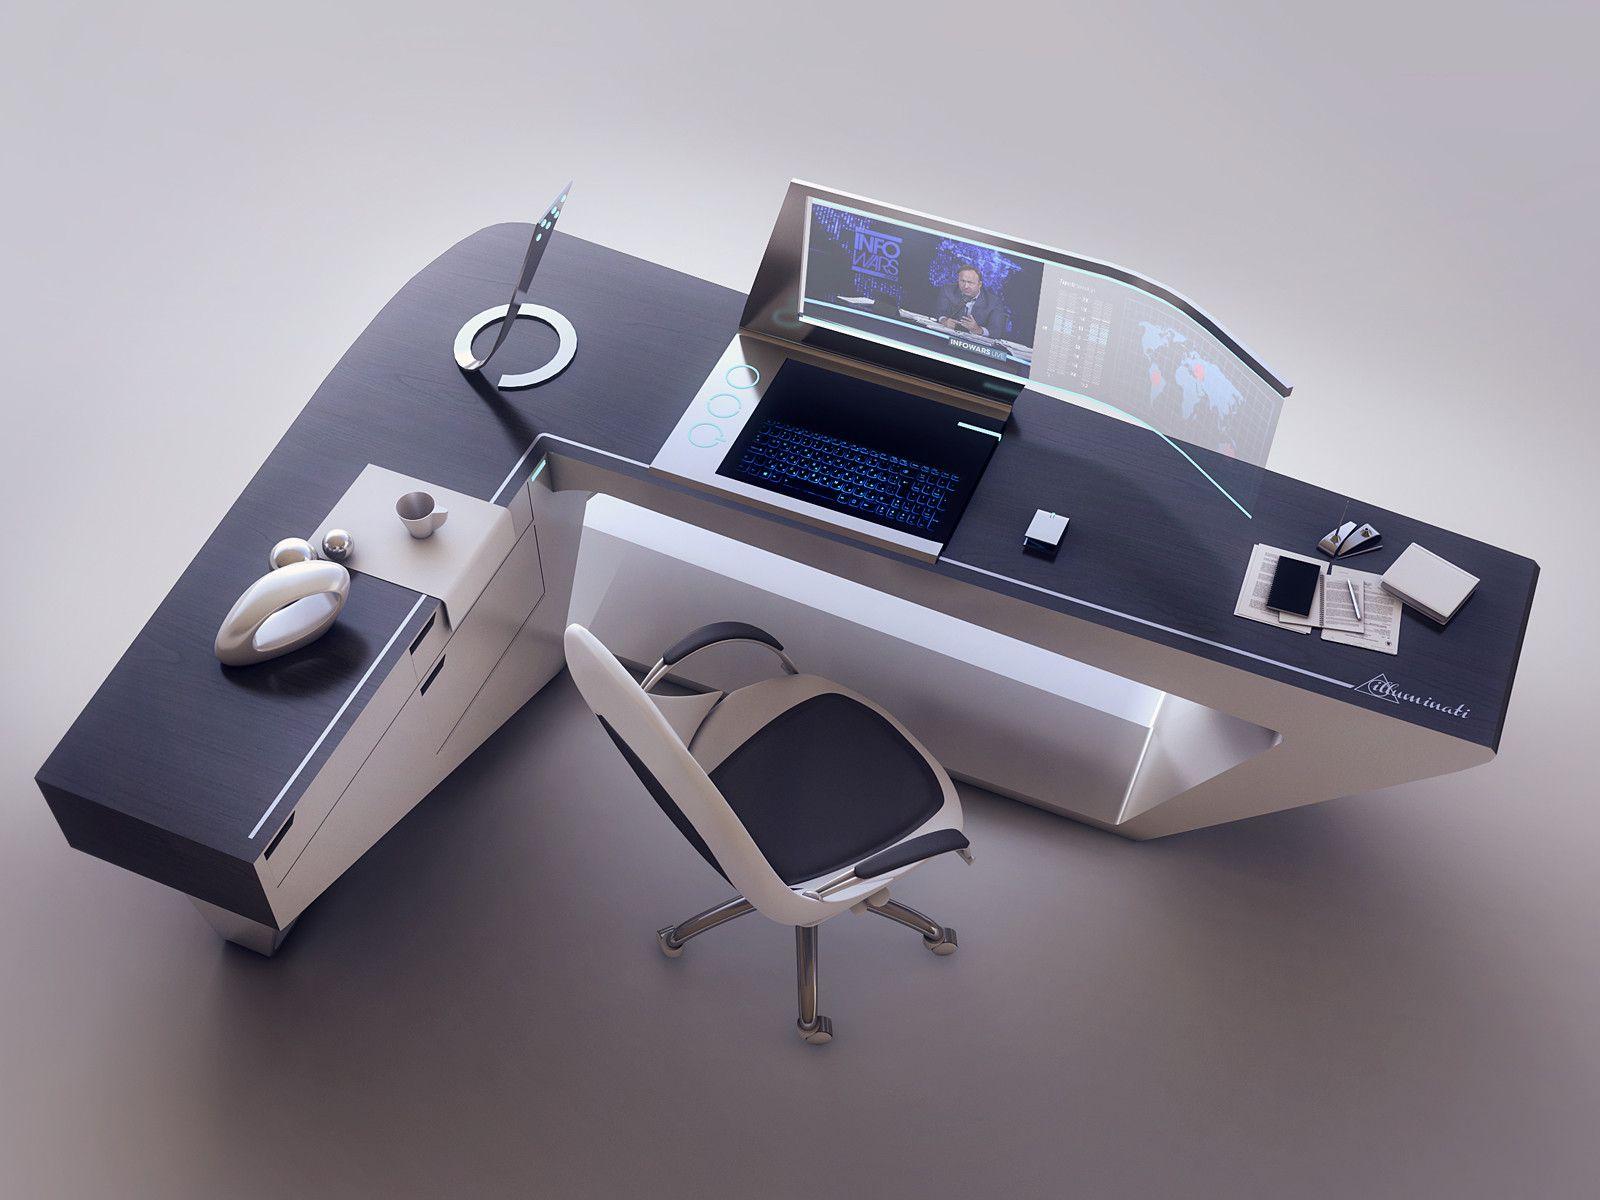 Designer Computer Desk Artstation Modern Desk Design Encho Enchev Sci Fi 2